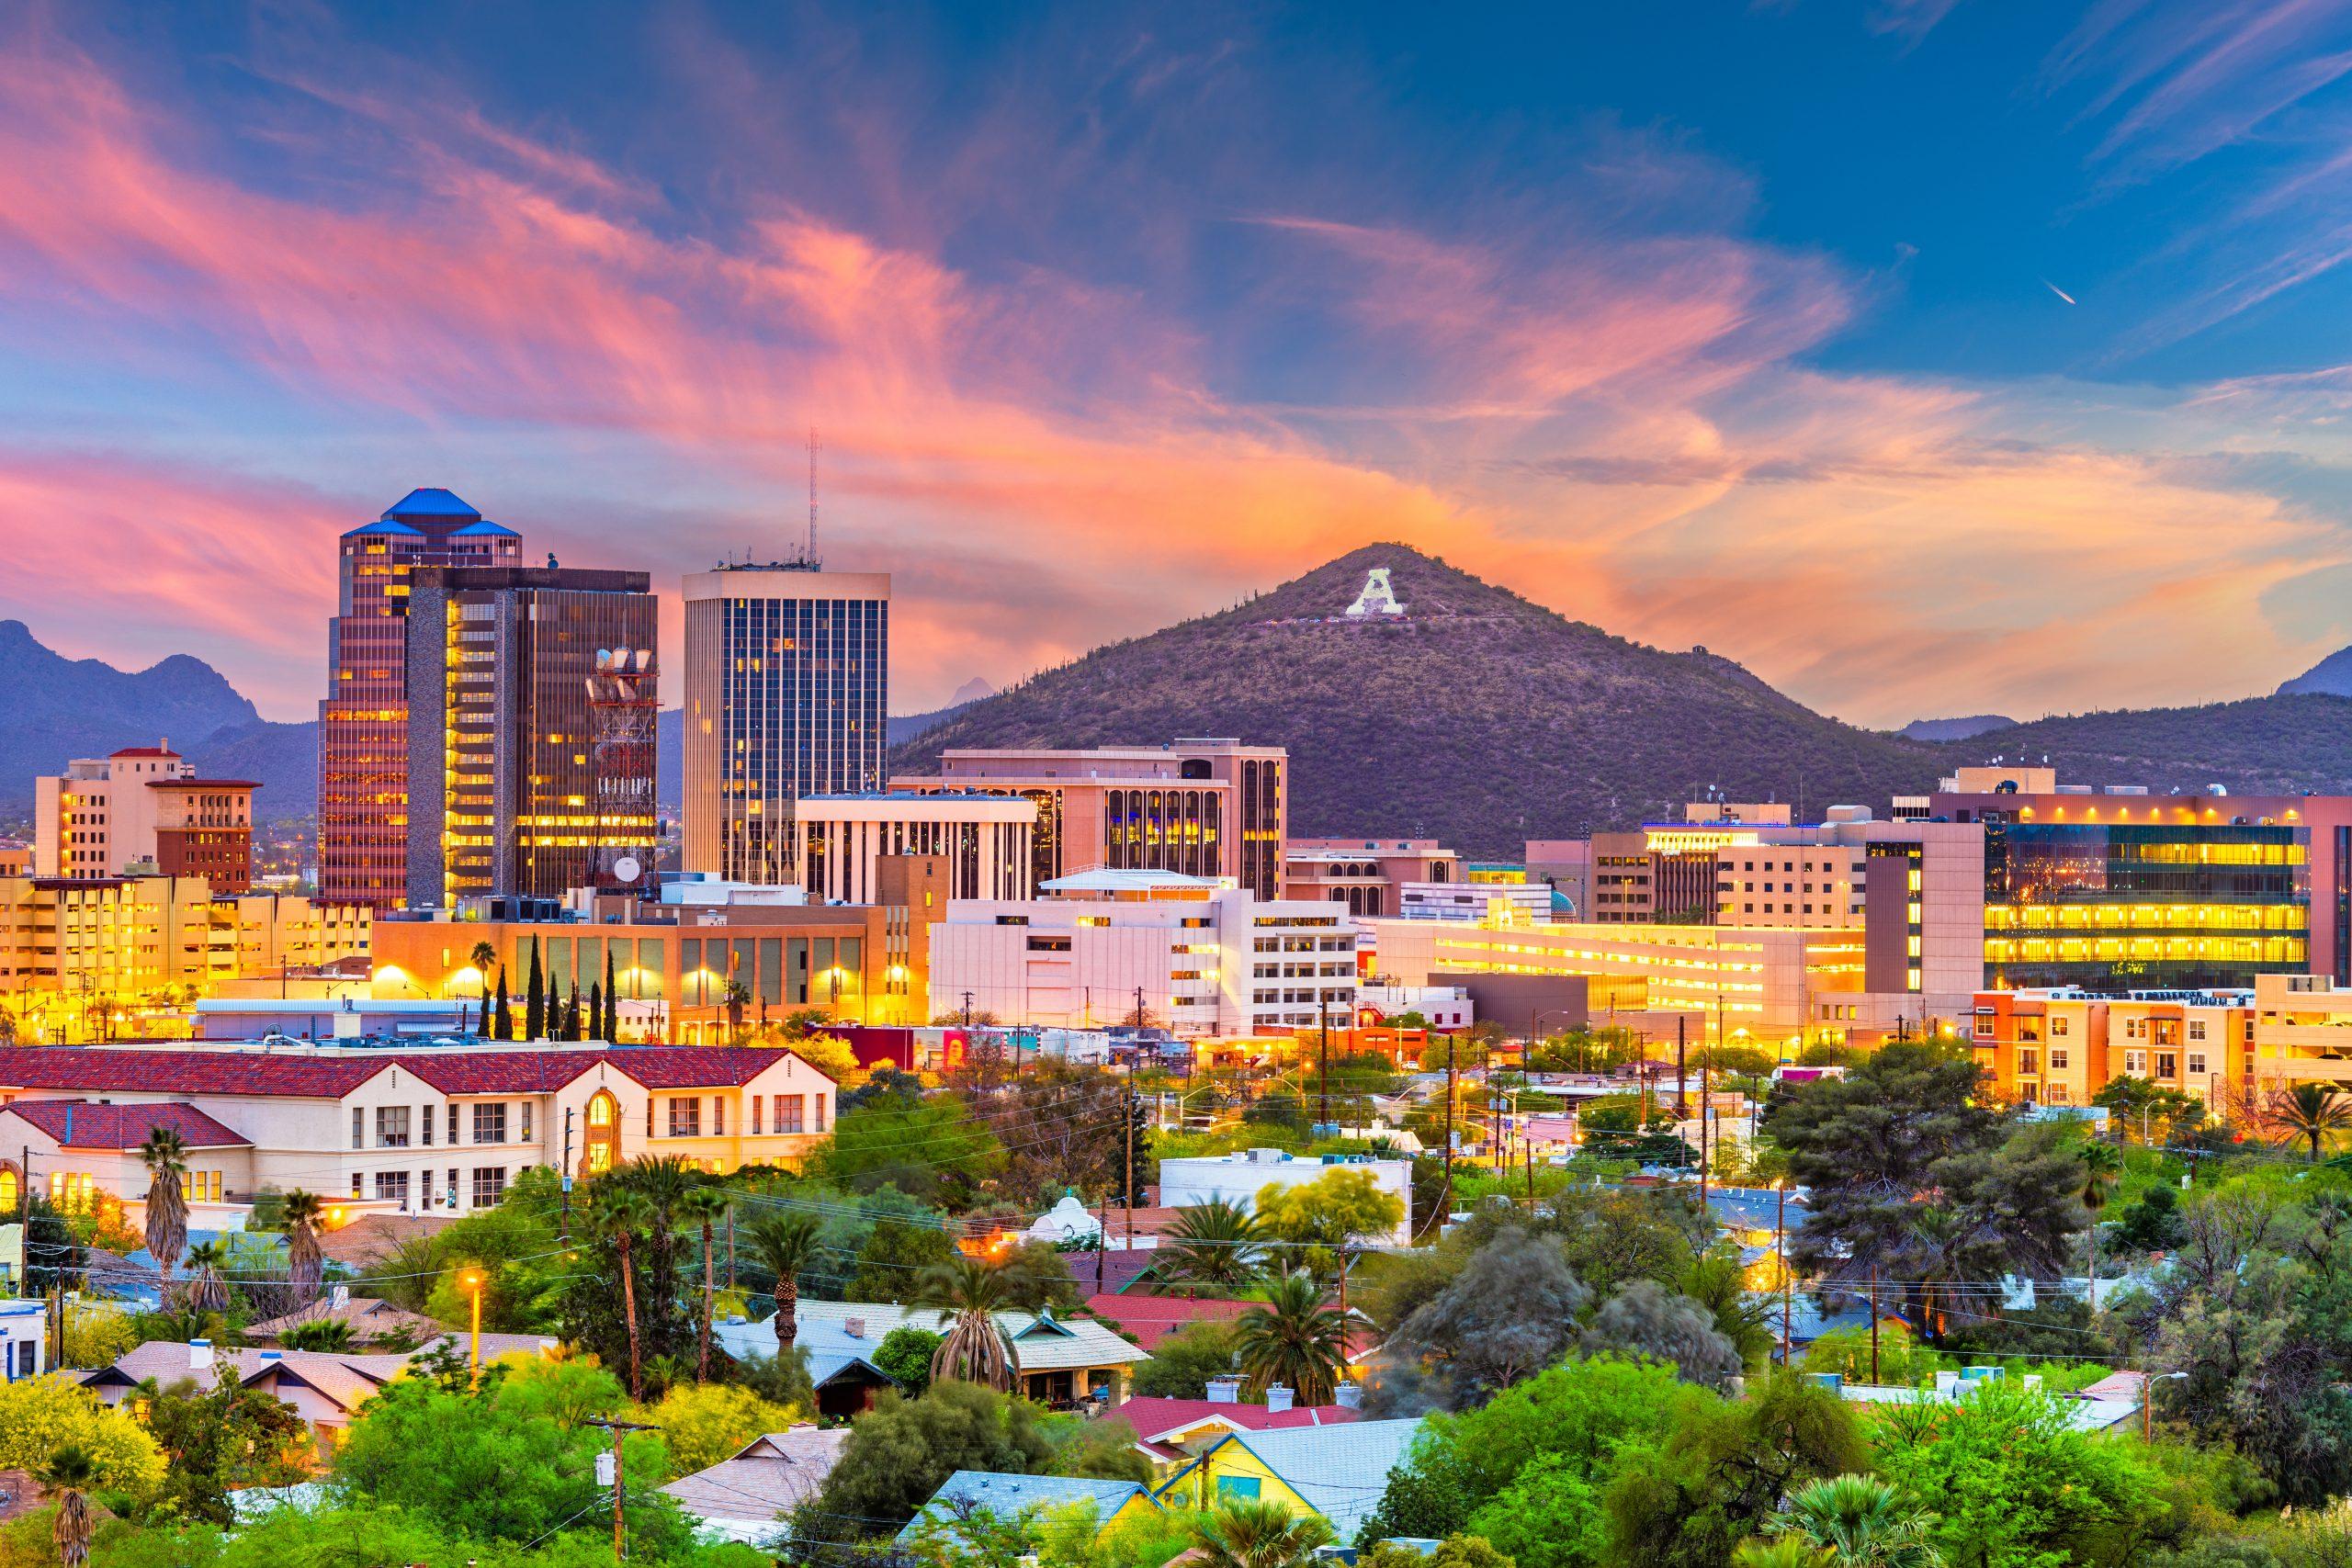 Tucson city view